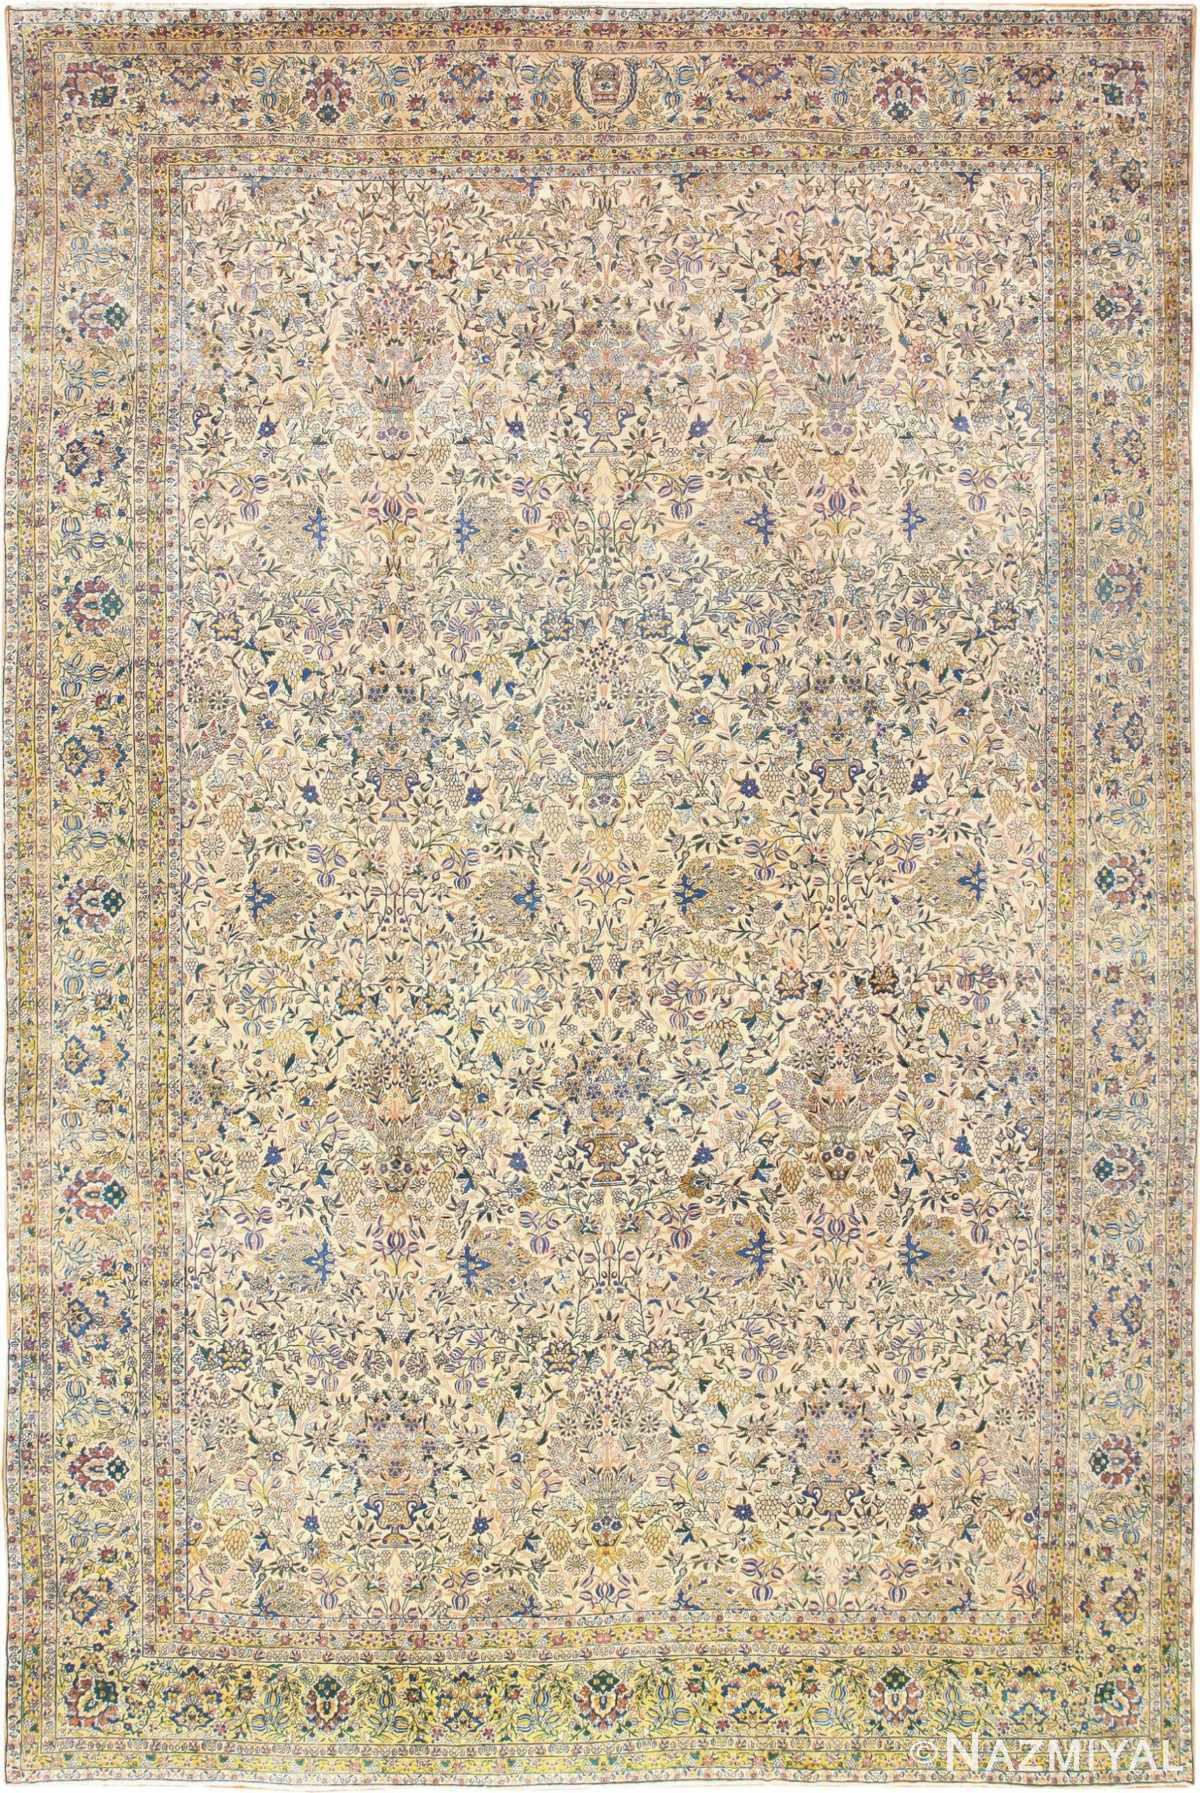 Large Antique Fine Persian Kerman Carpet 50405 by Nazmiyal